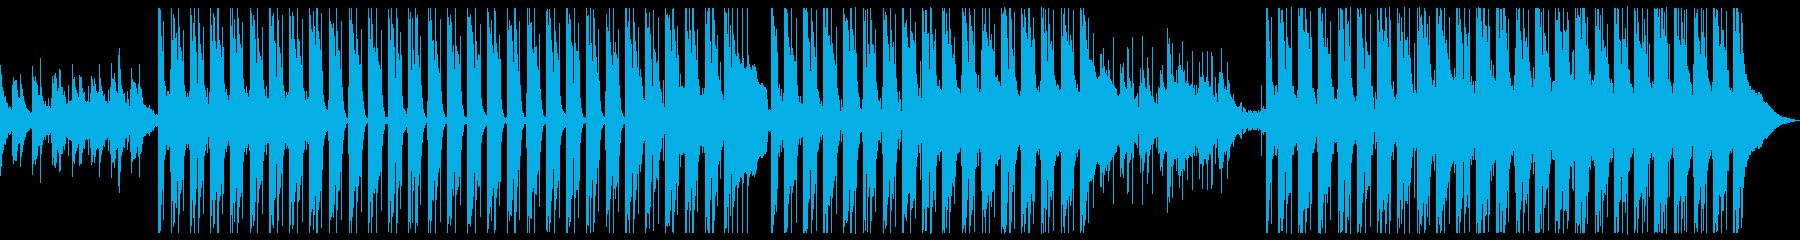 コーポレートCM企業VP♪おしゃれPOPの再生済みの波形